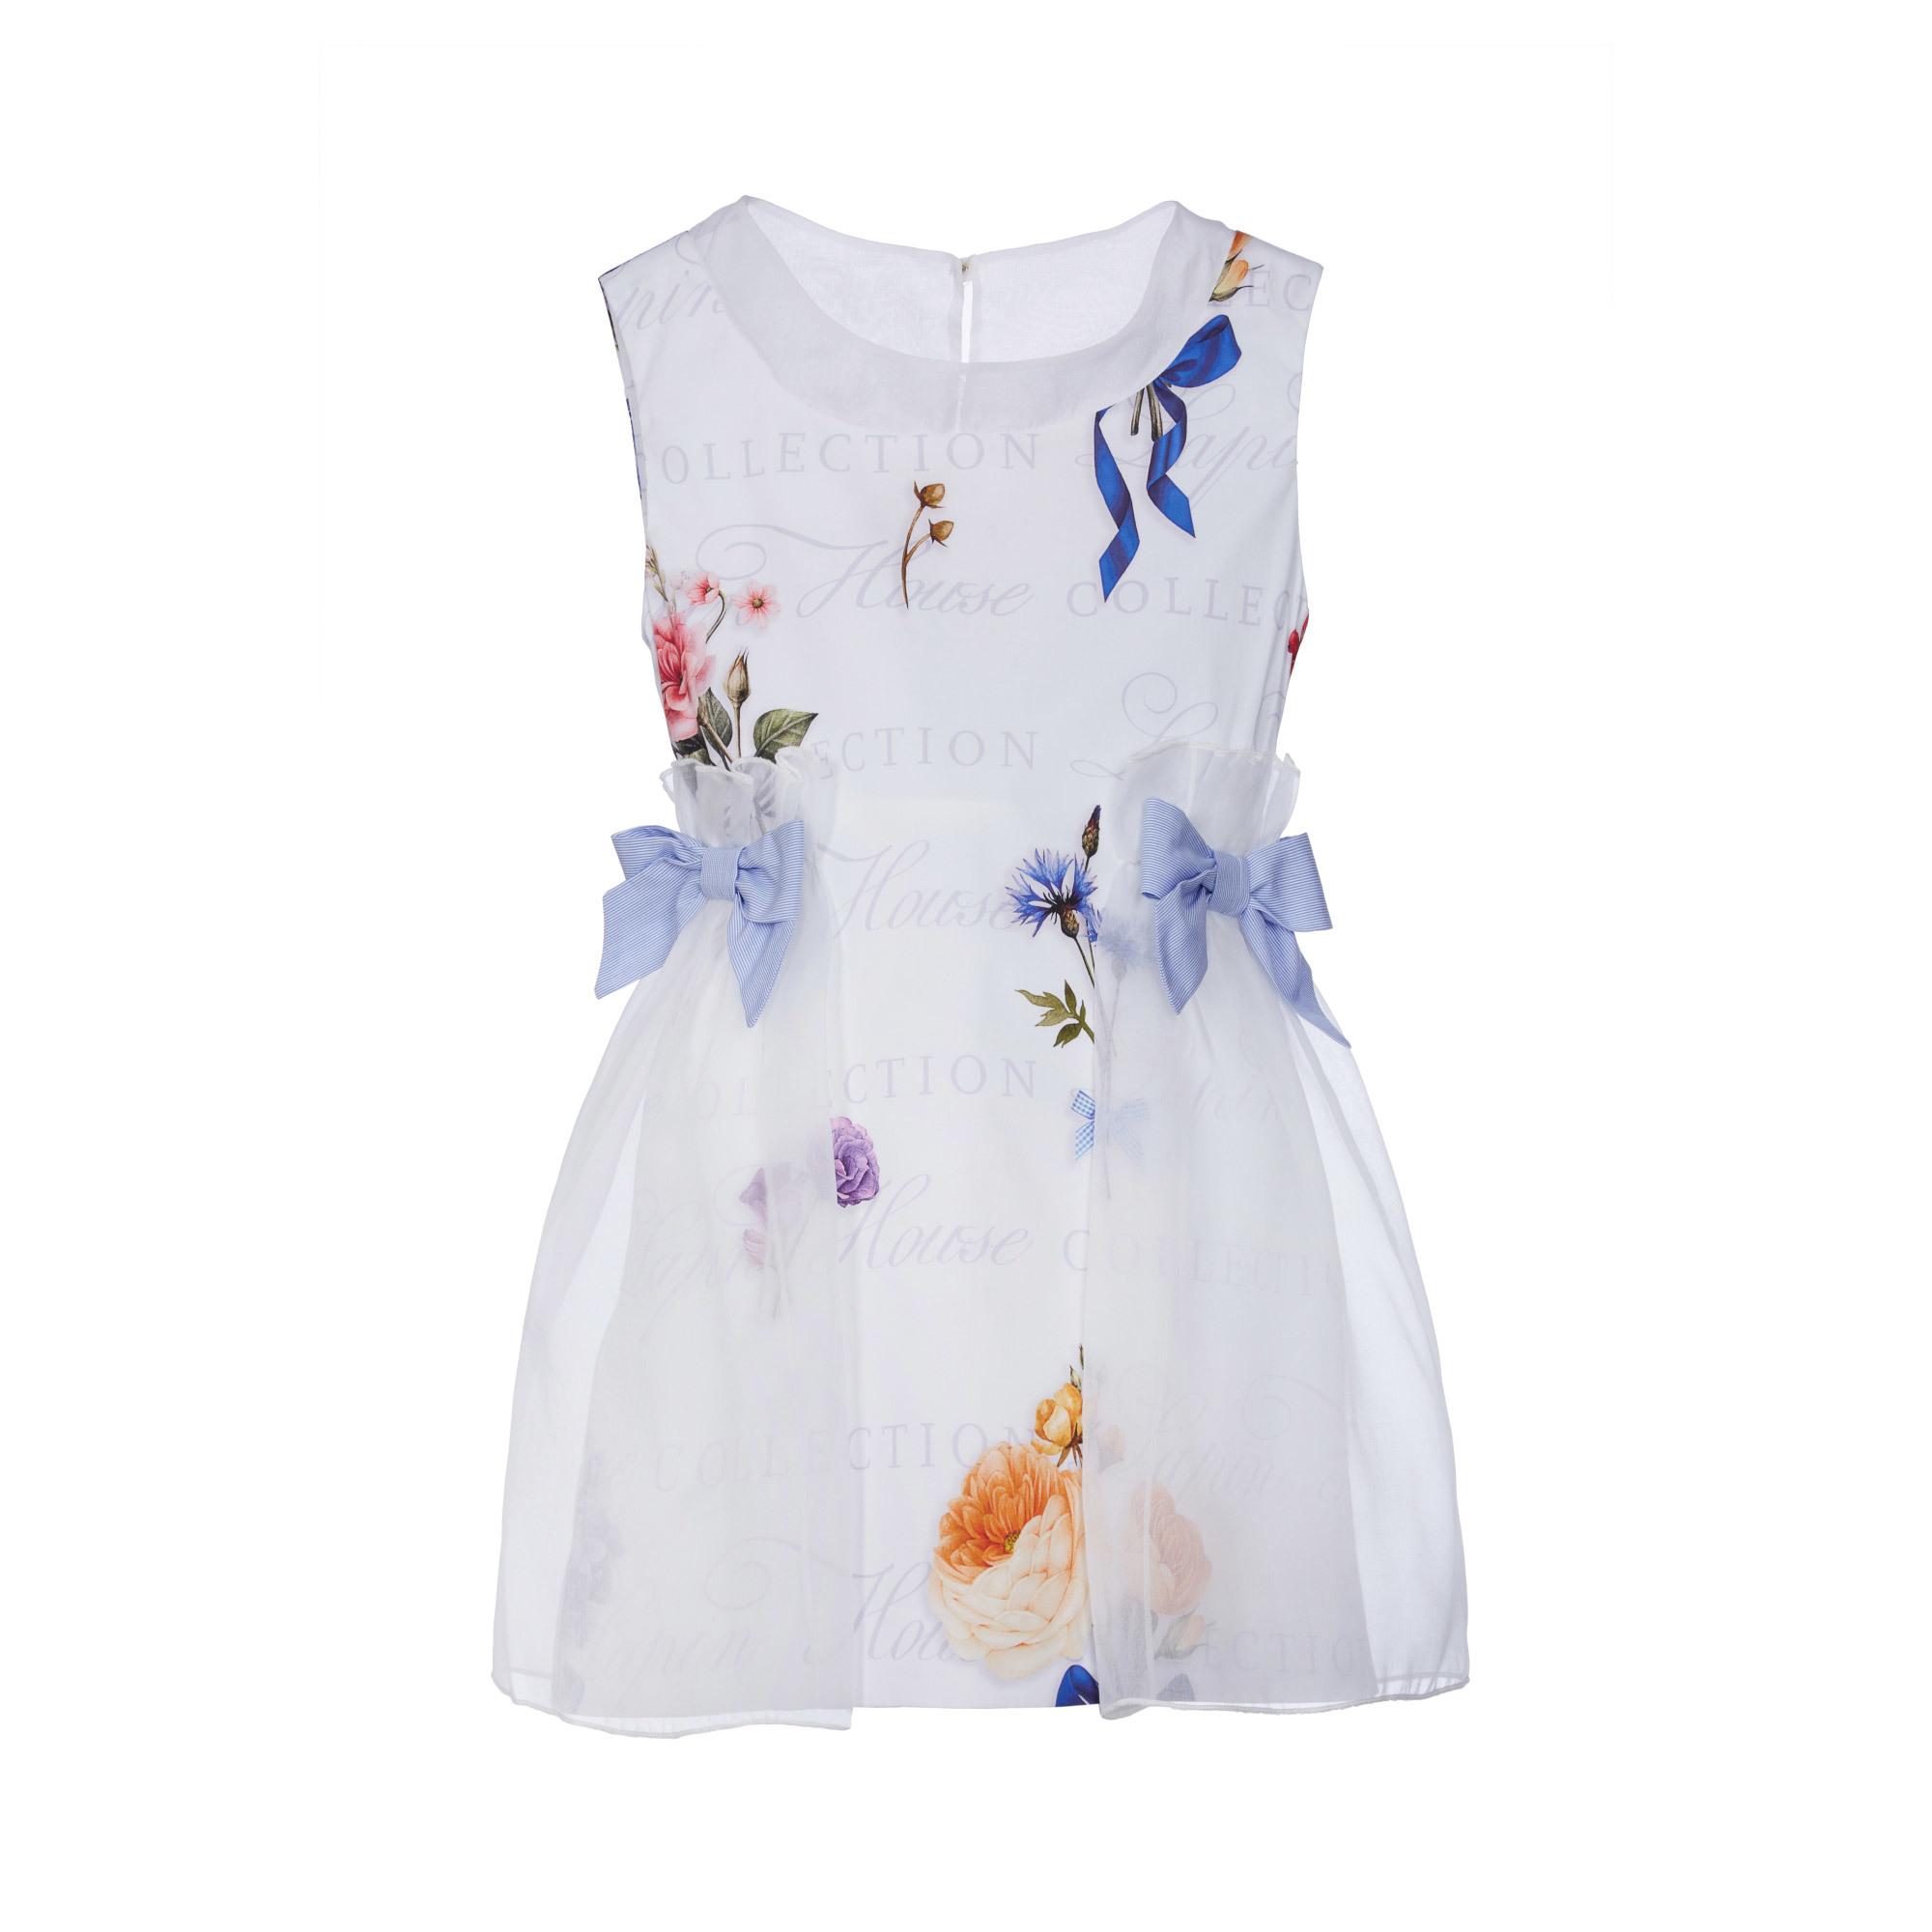 b93184b8807 Φορέματα-Φούστες - Lapin House